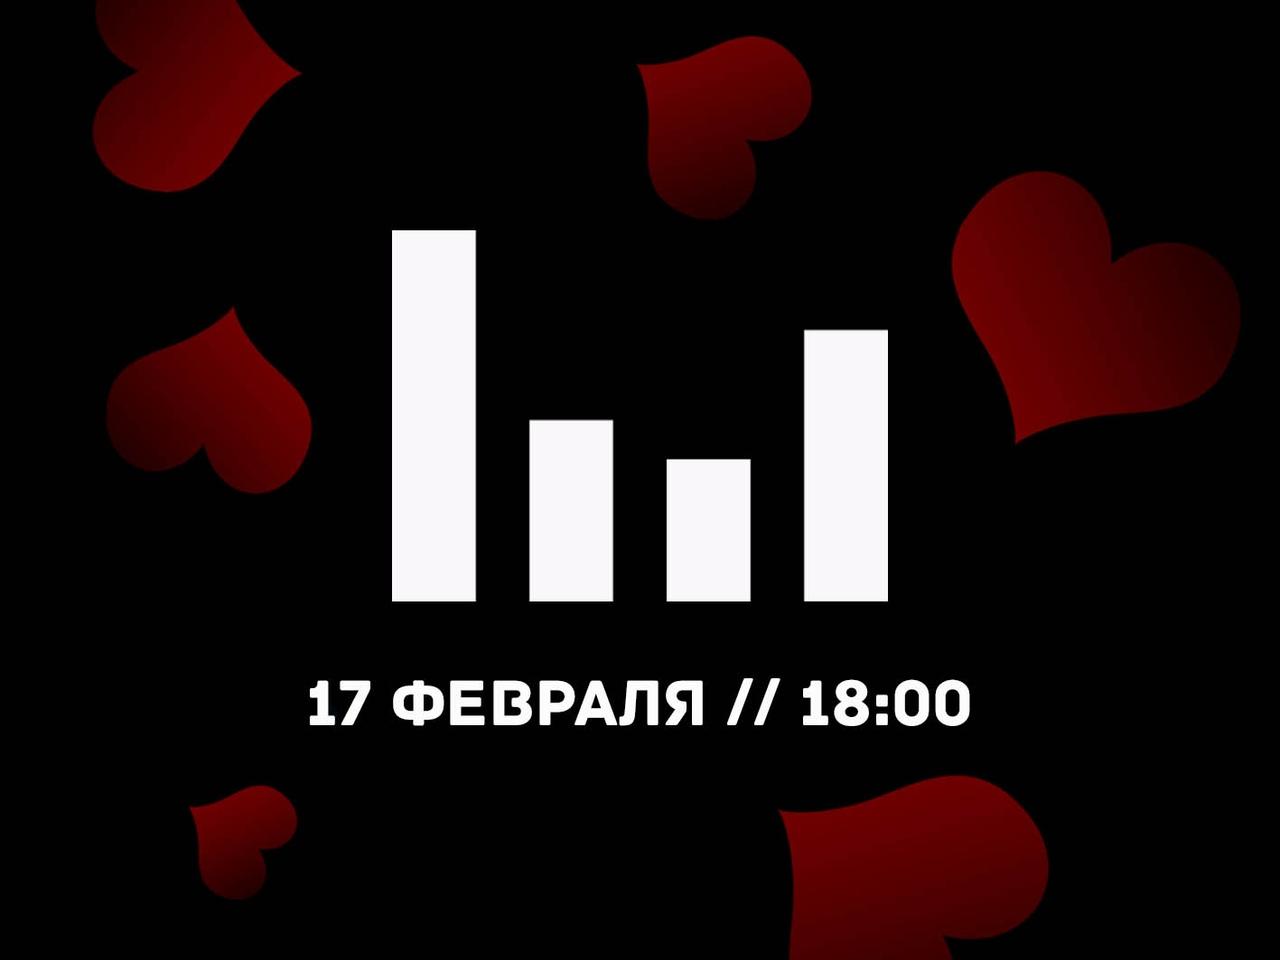 Афиша Красноярск Квартирный атмосферник наволне